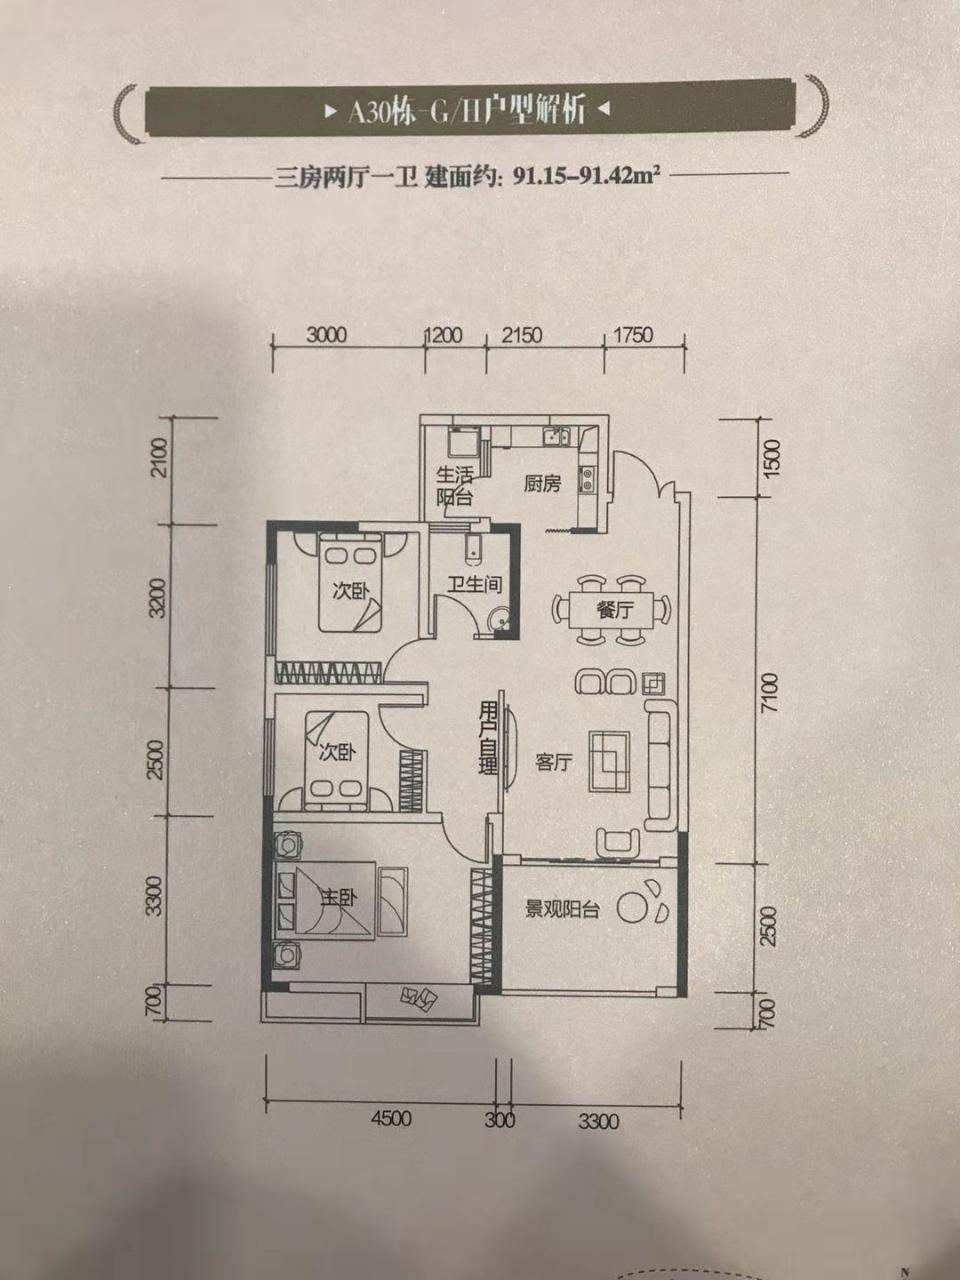 仁怀惠邦国际城3室 2厅 1卫63万元